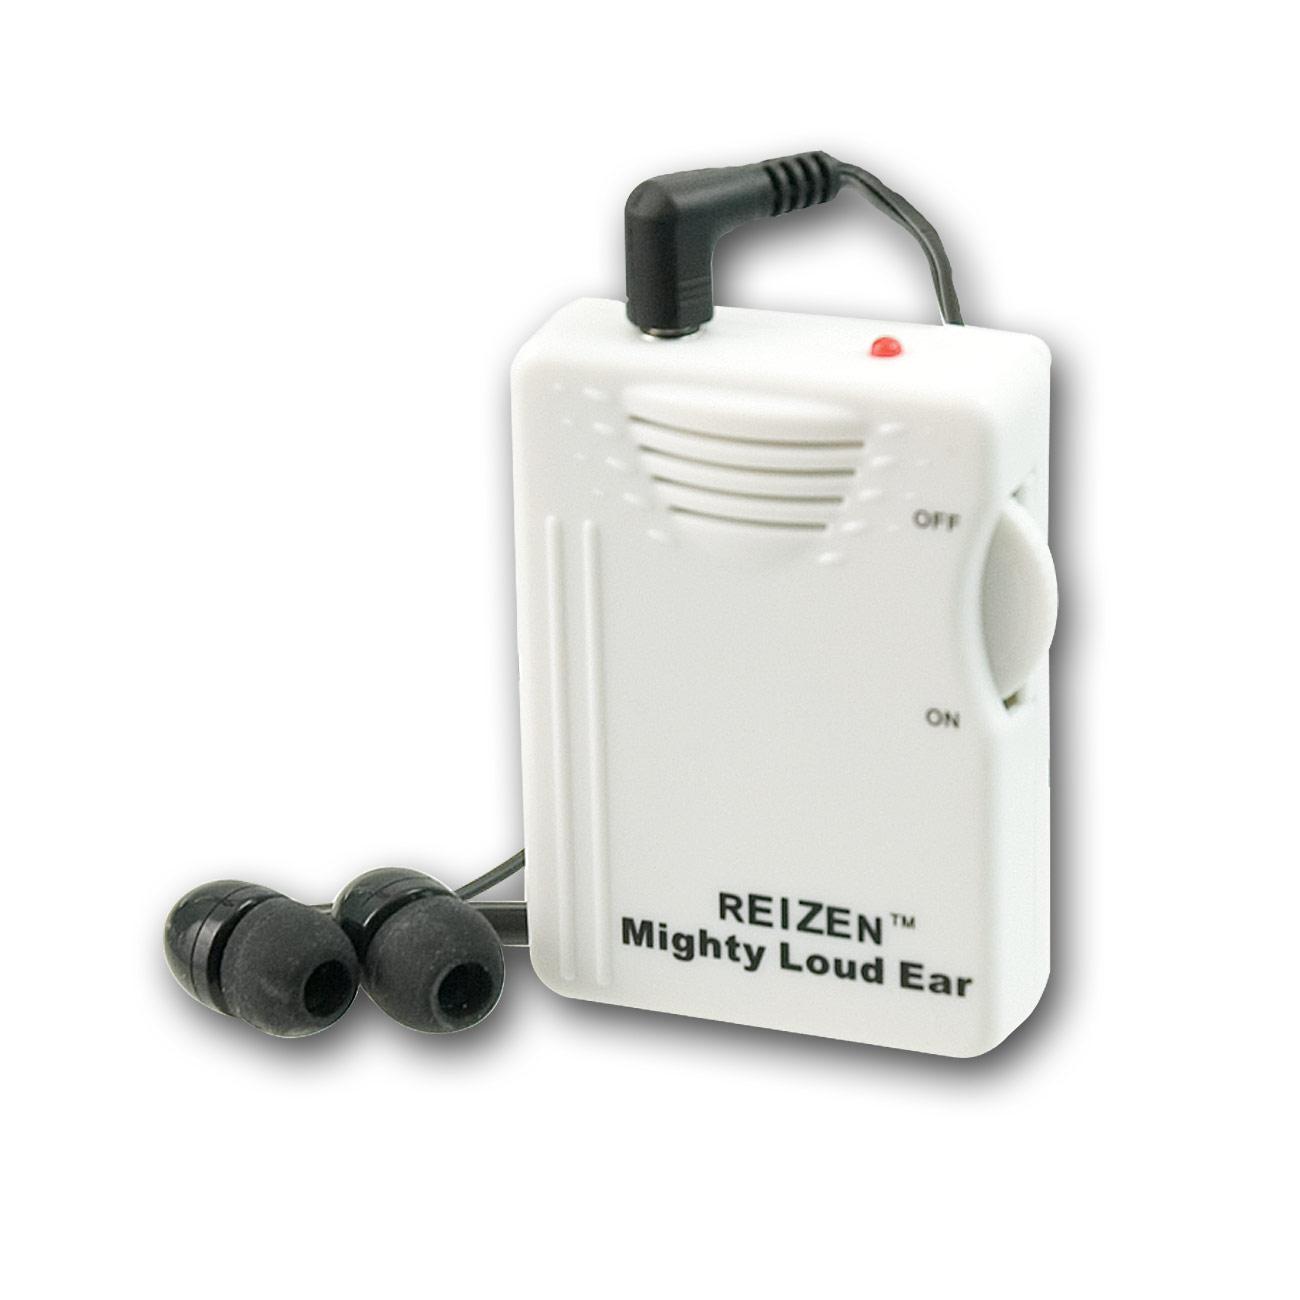 Reizen Mighty Loud Ear 120dB Personal Sound Hearing Amplifier